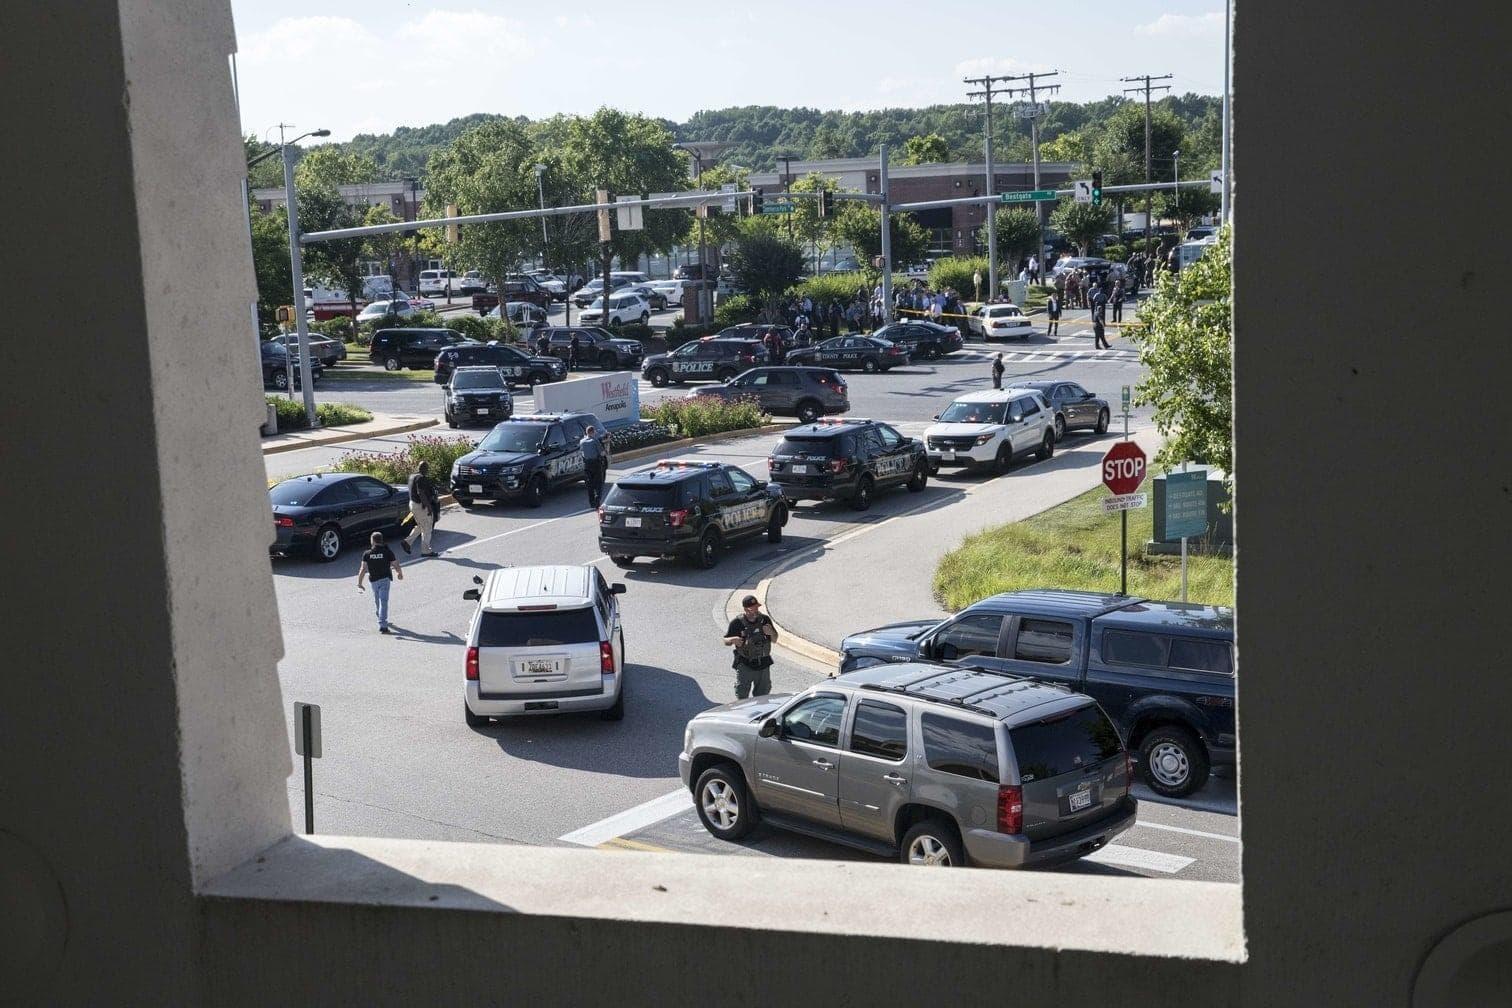 <p>Die Polizei hat nach Medienberichten das betroffene Gebäude geräumt und die Bevölkerung aufgerufen